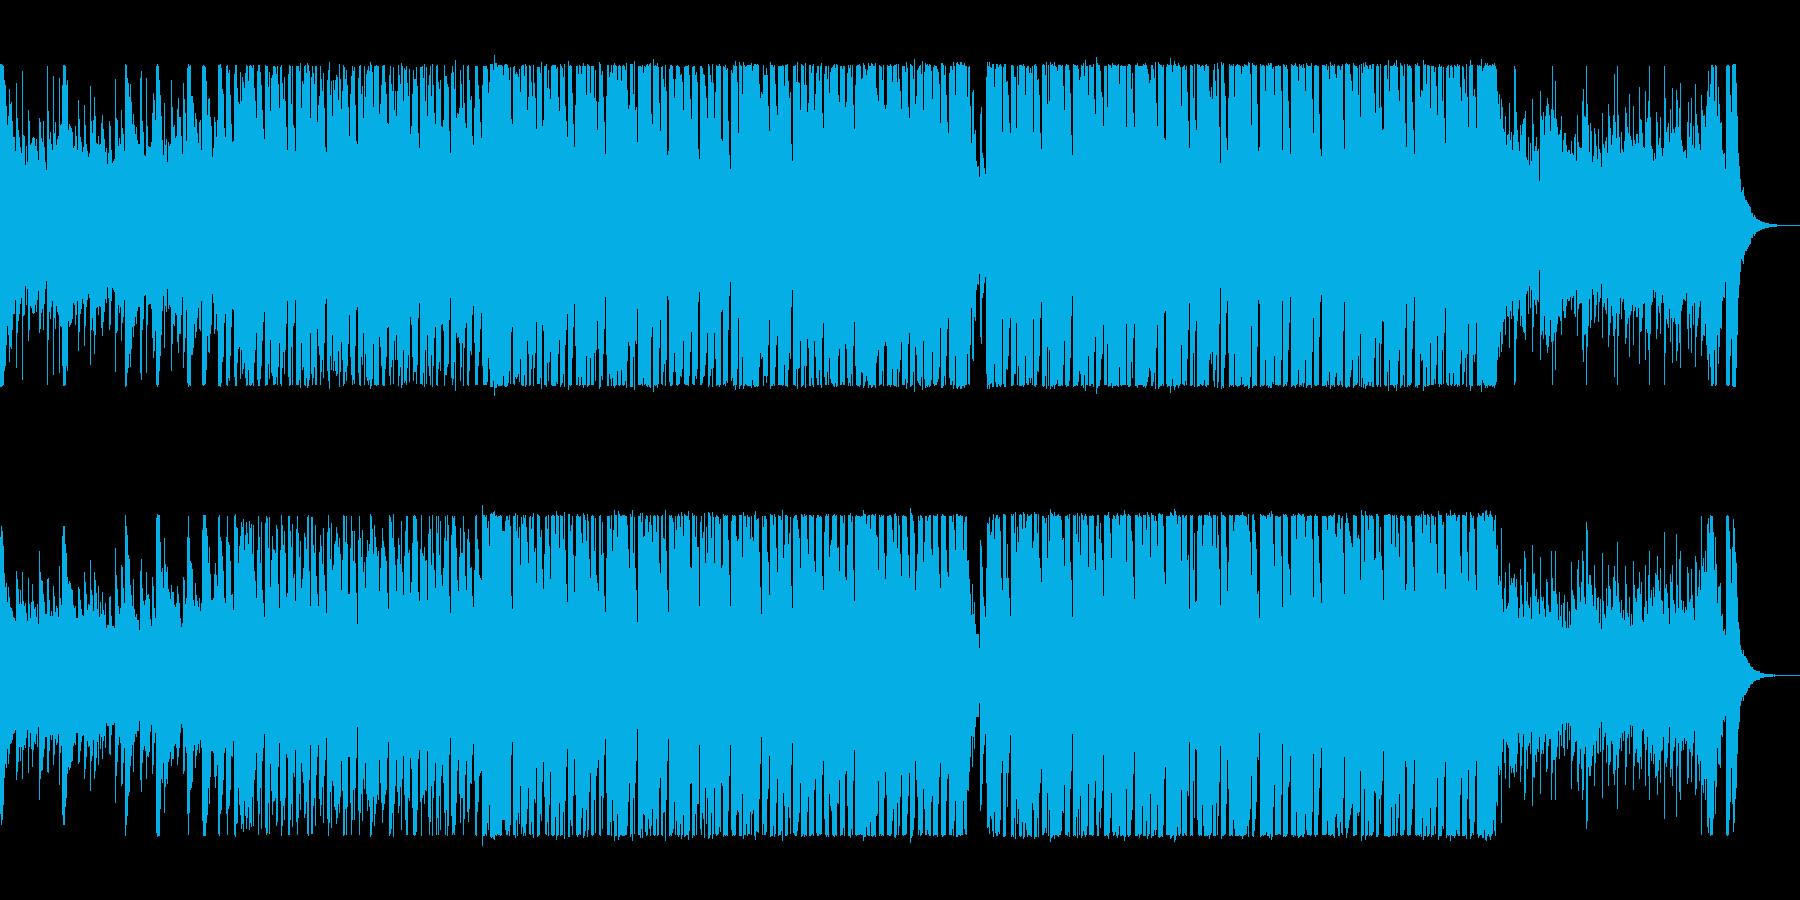 疾走感のあるシンセサイザーポップスの再生済みの波形